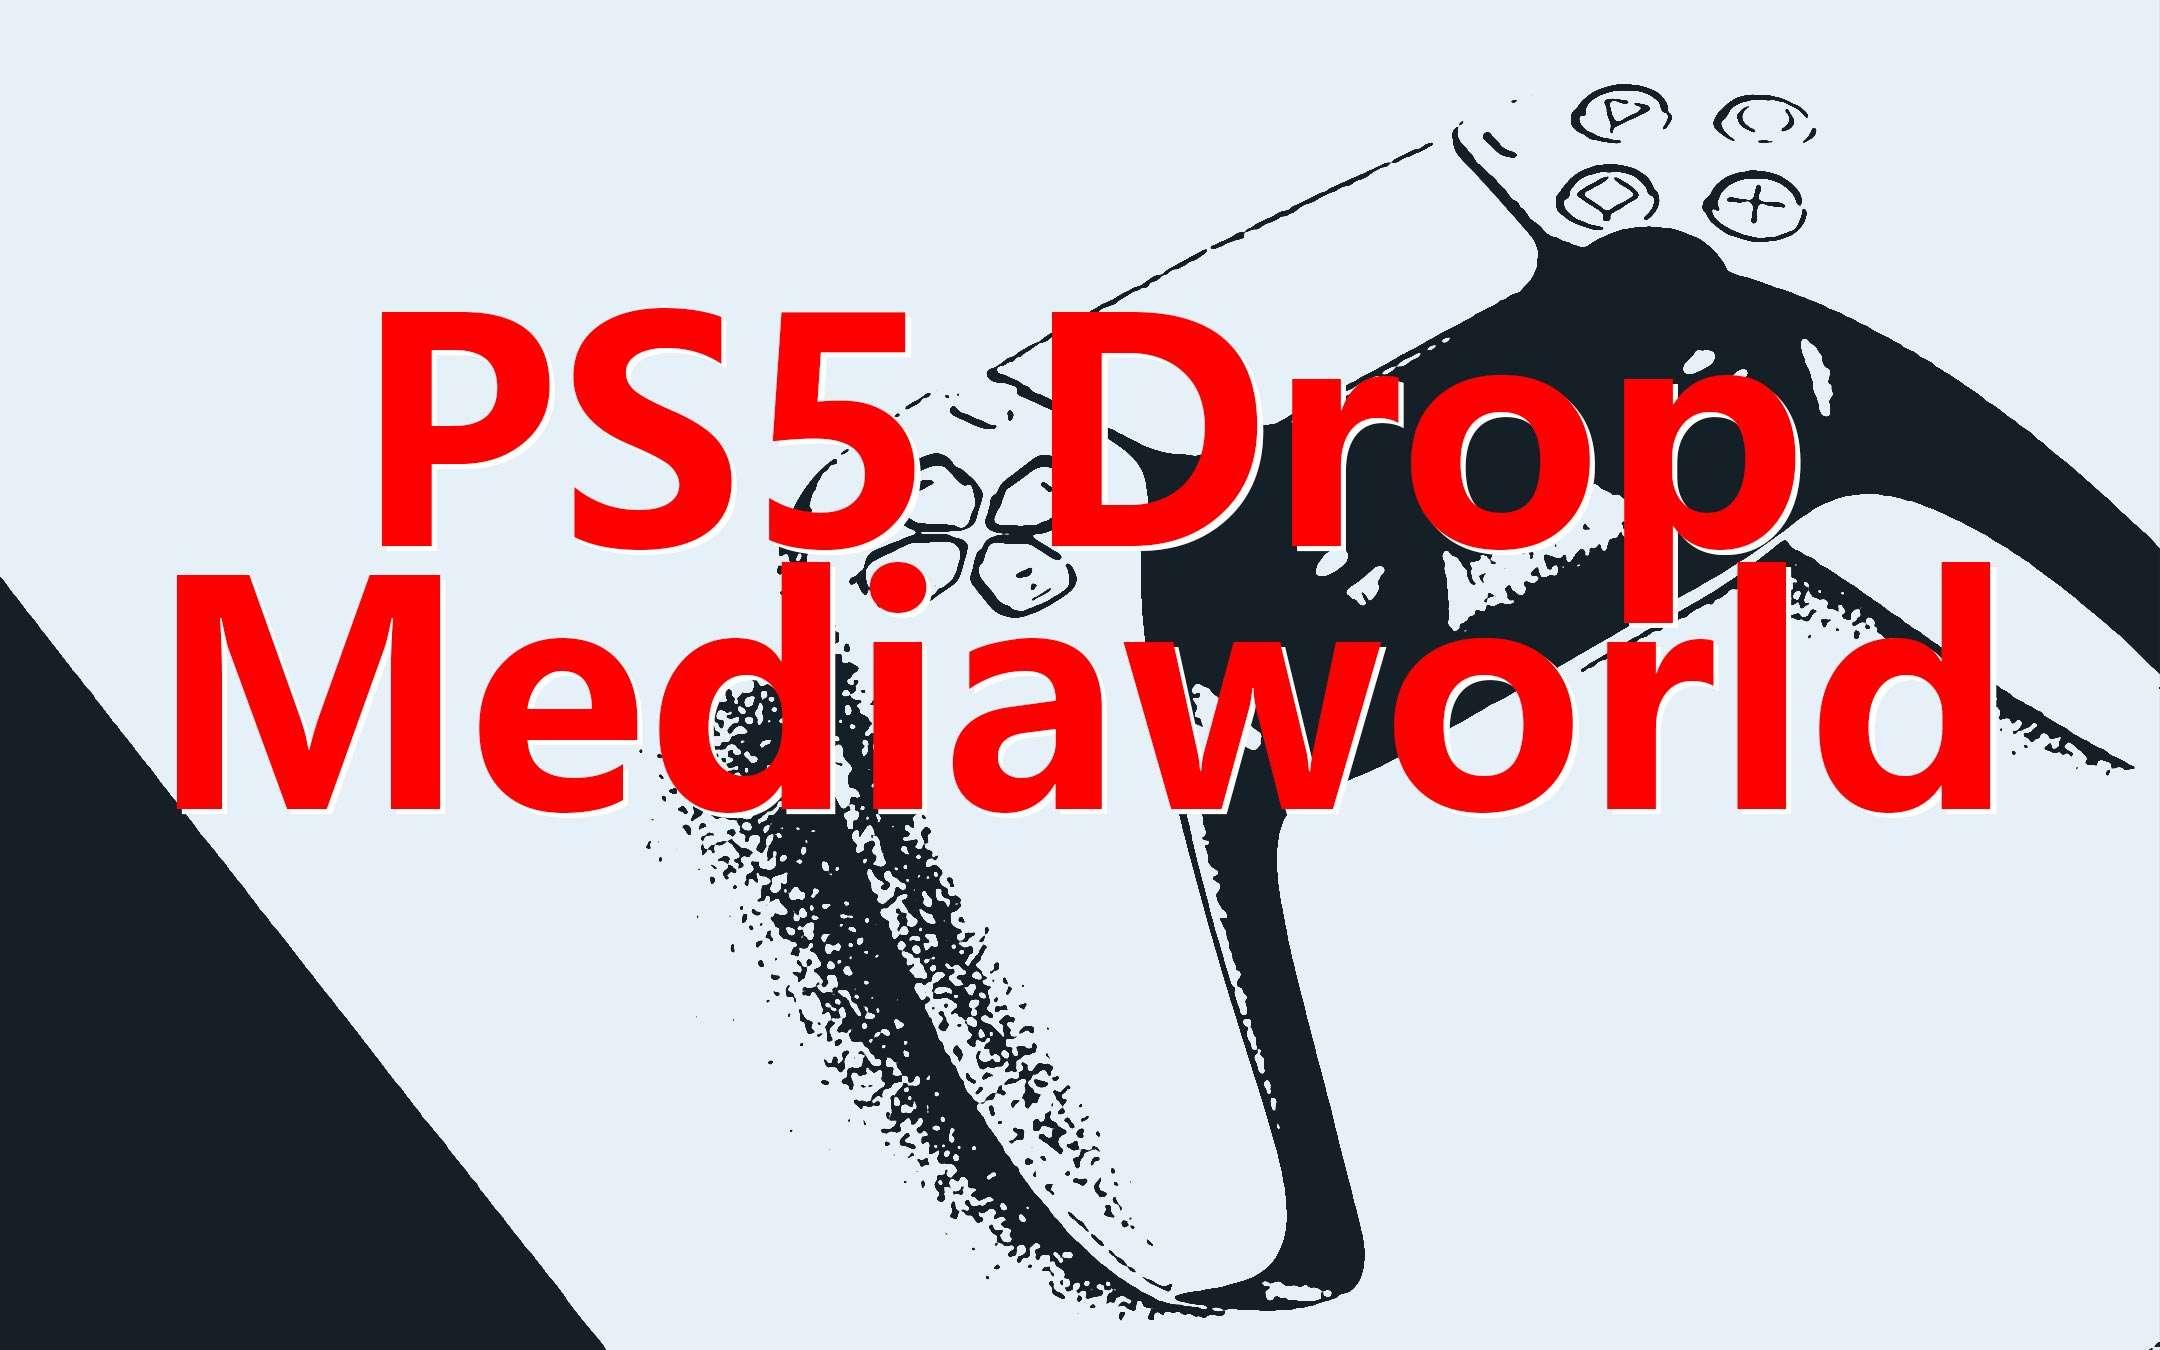 PS5 Drop, Mediaworld